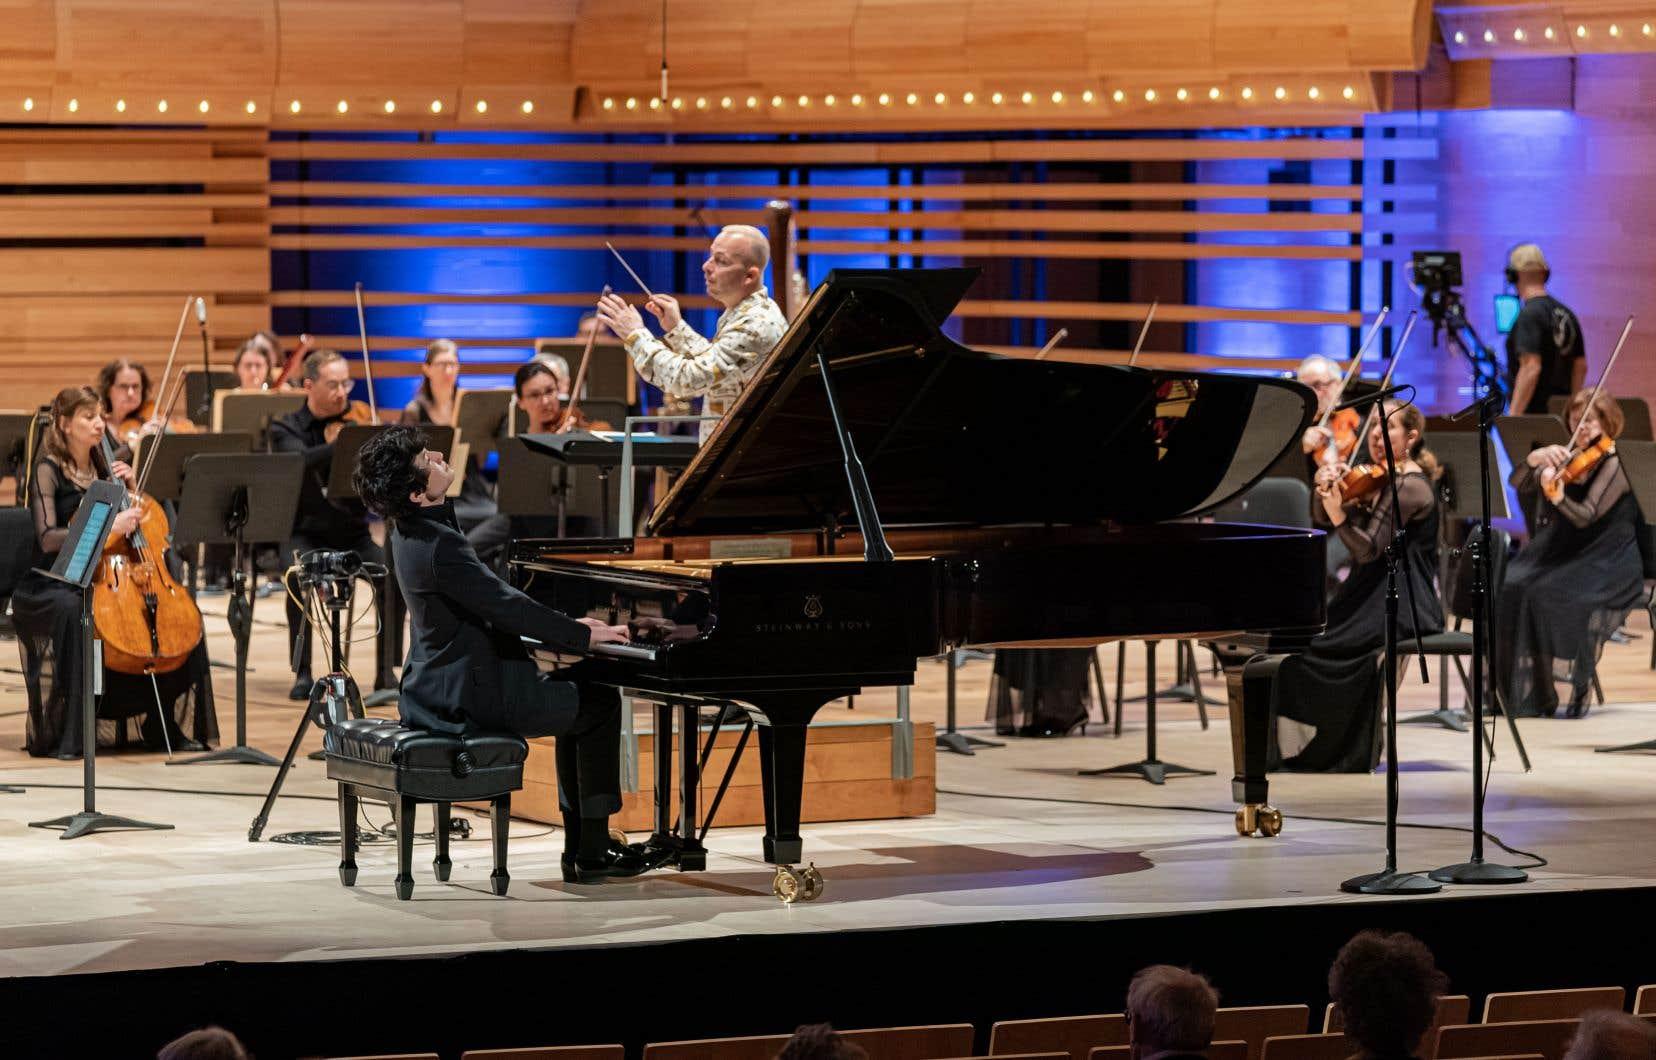 Tony Siqi Yun, le Torontois de 19 ans, vainqueur de la Compétition musicale internationale de Chine, a pu performer sur scène avec l'Orchestre métropolitain.